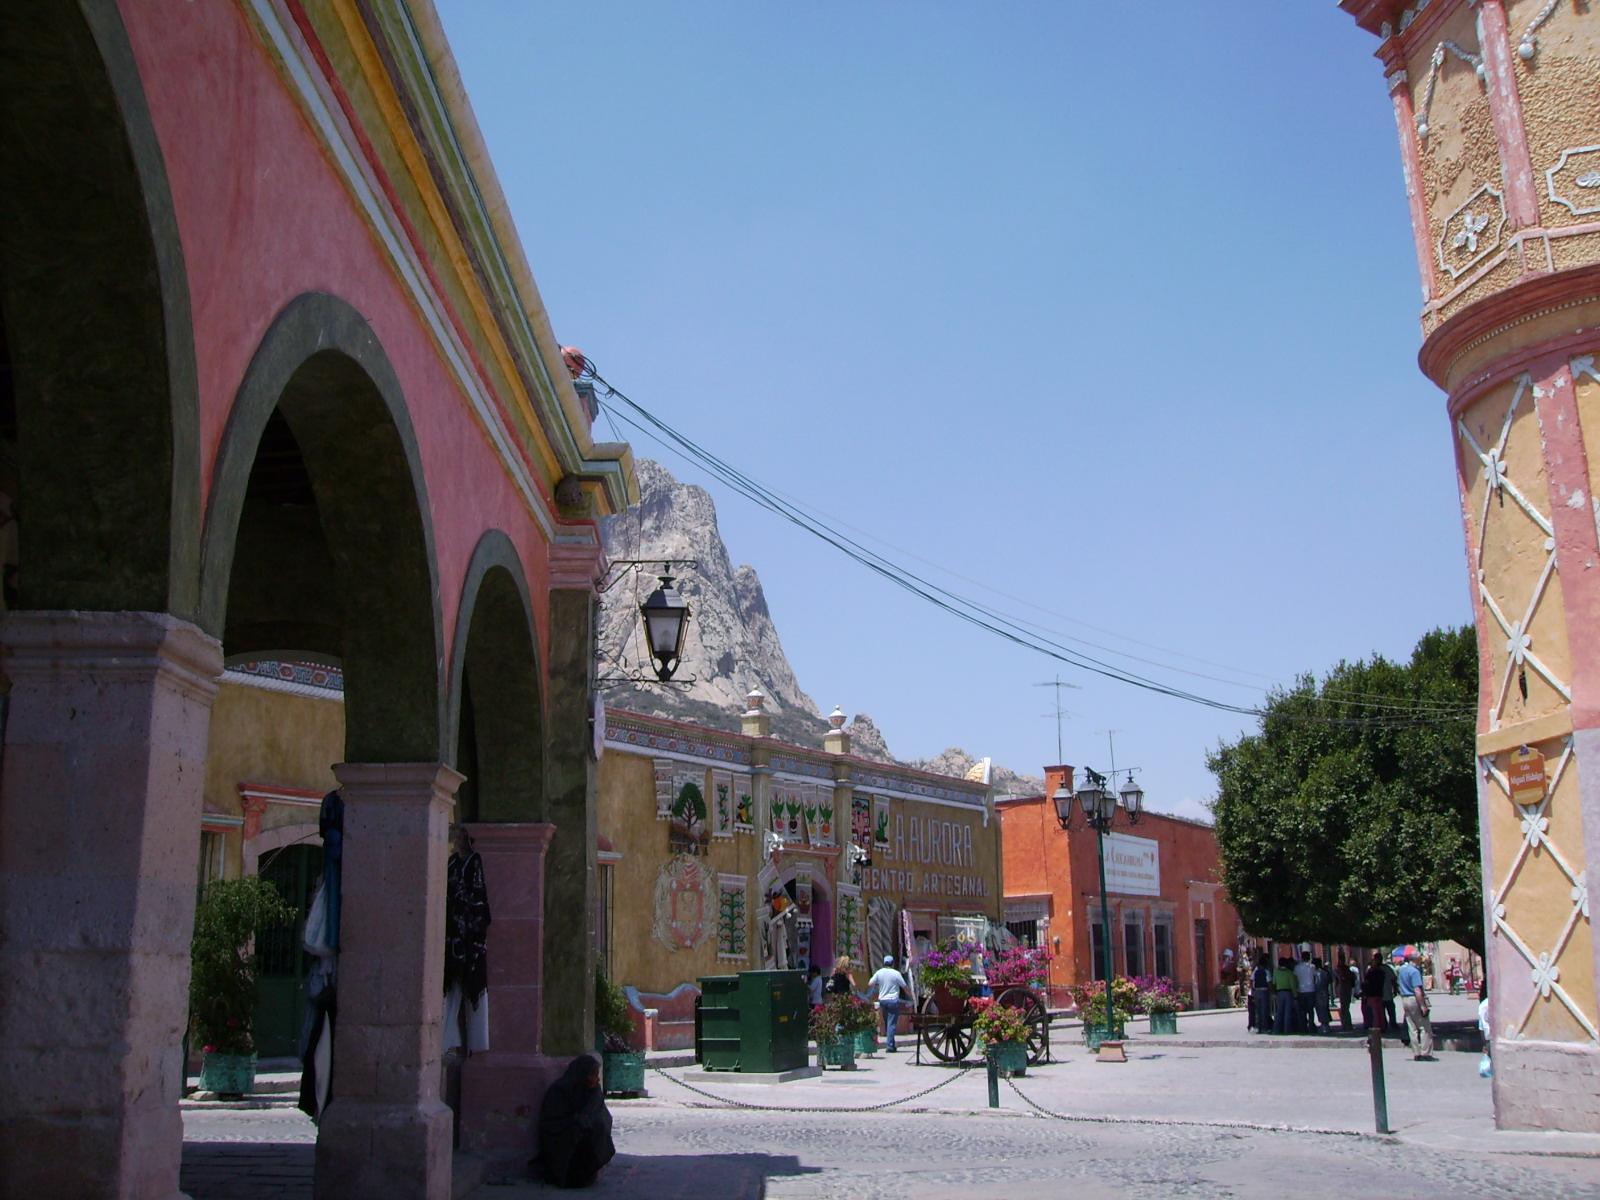 Queretaro Mexico  city photos : 2008.03.29.140924 Bernal Queretaro Mexico Wikipedia, the ...